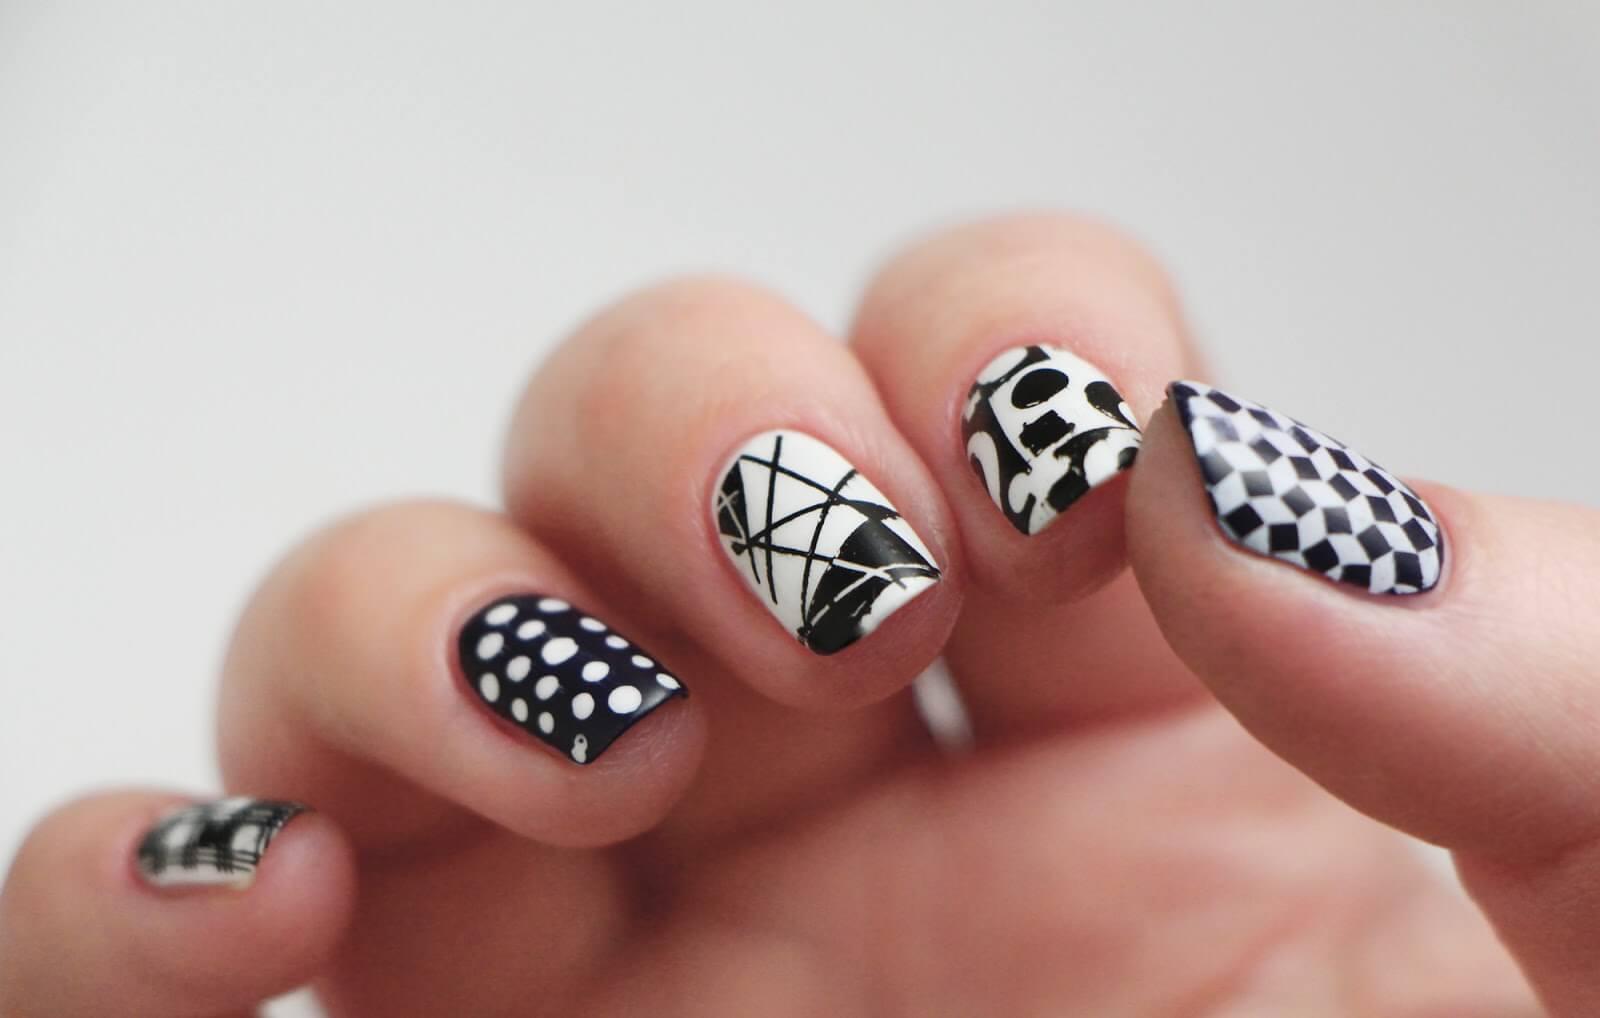 Монохромный маникюр: дизайн ногтей в черных и белых тонах